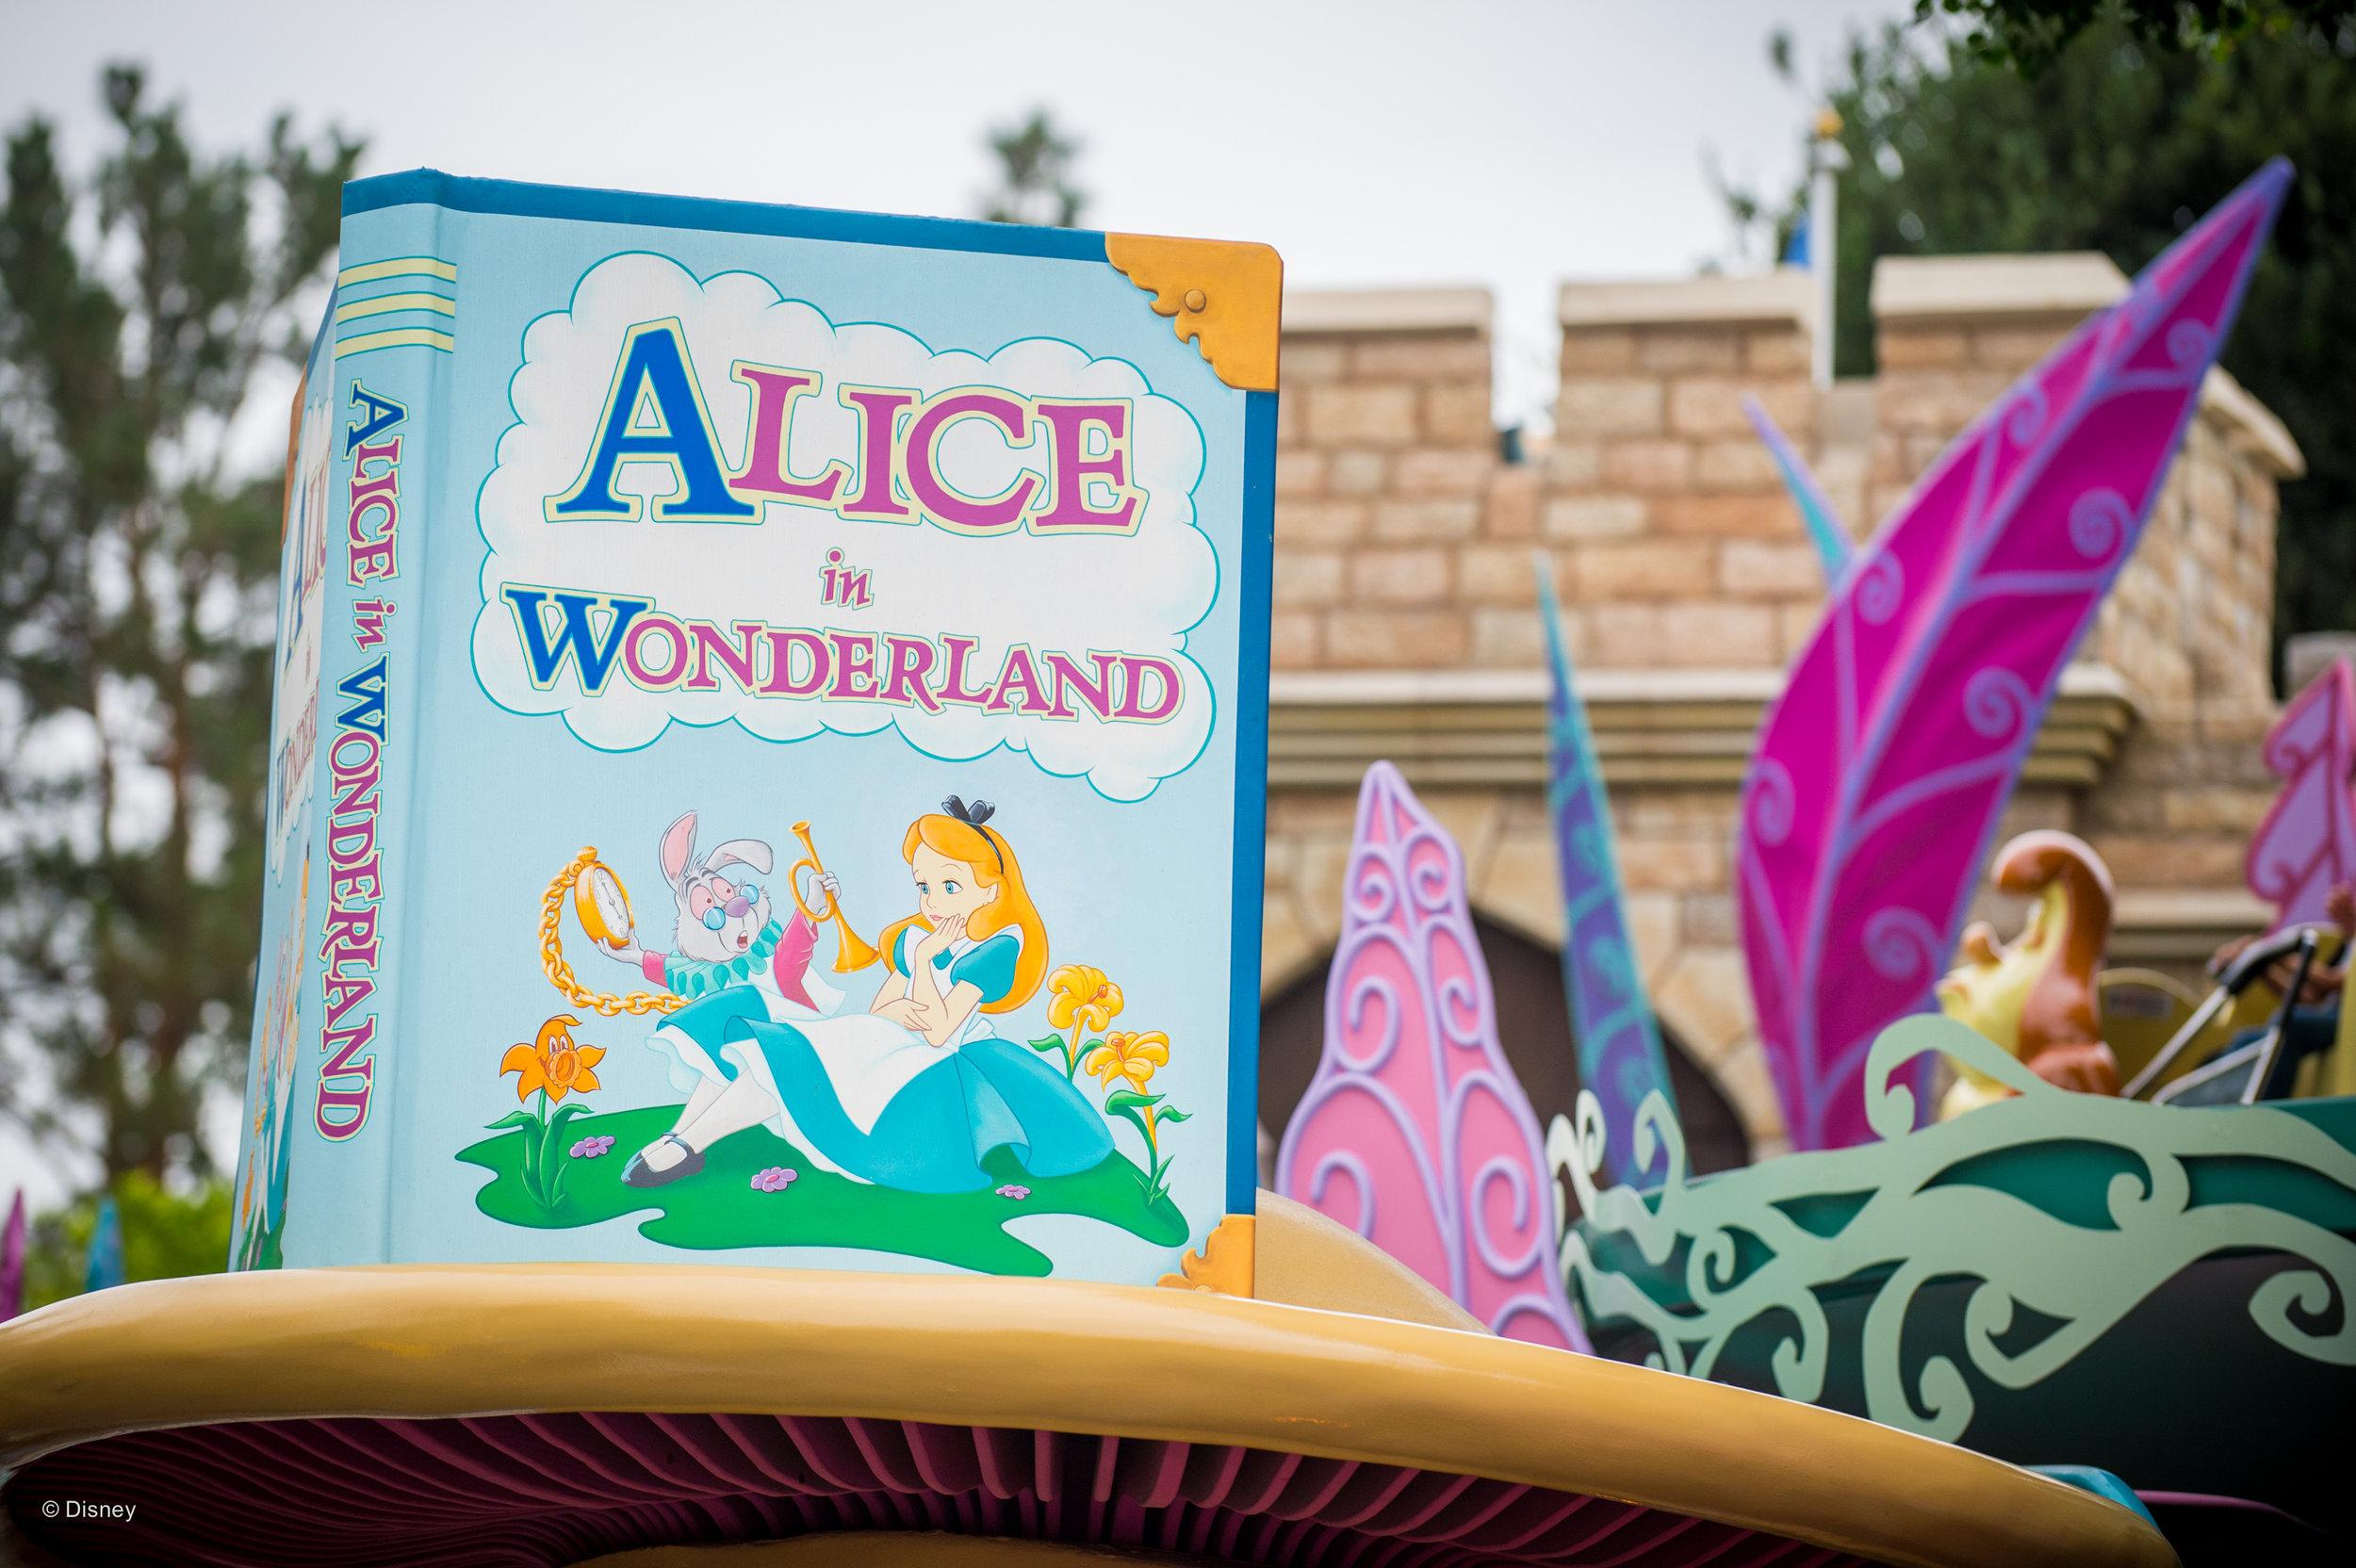 Attraction #1: Alice in Wonderland